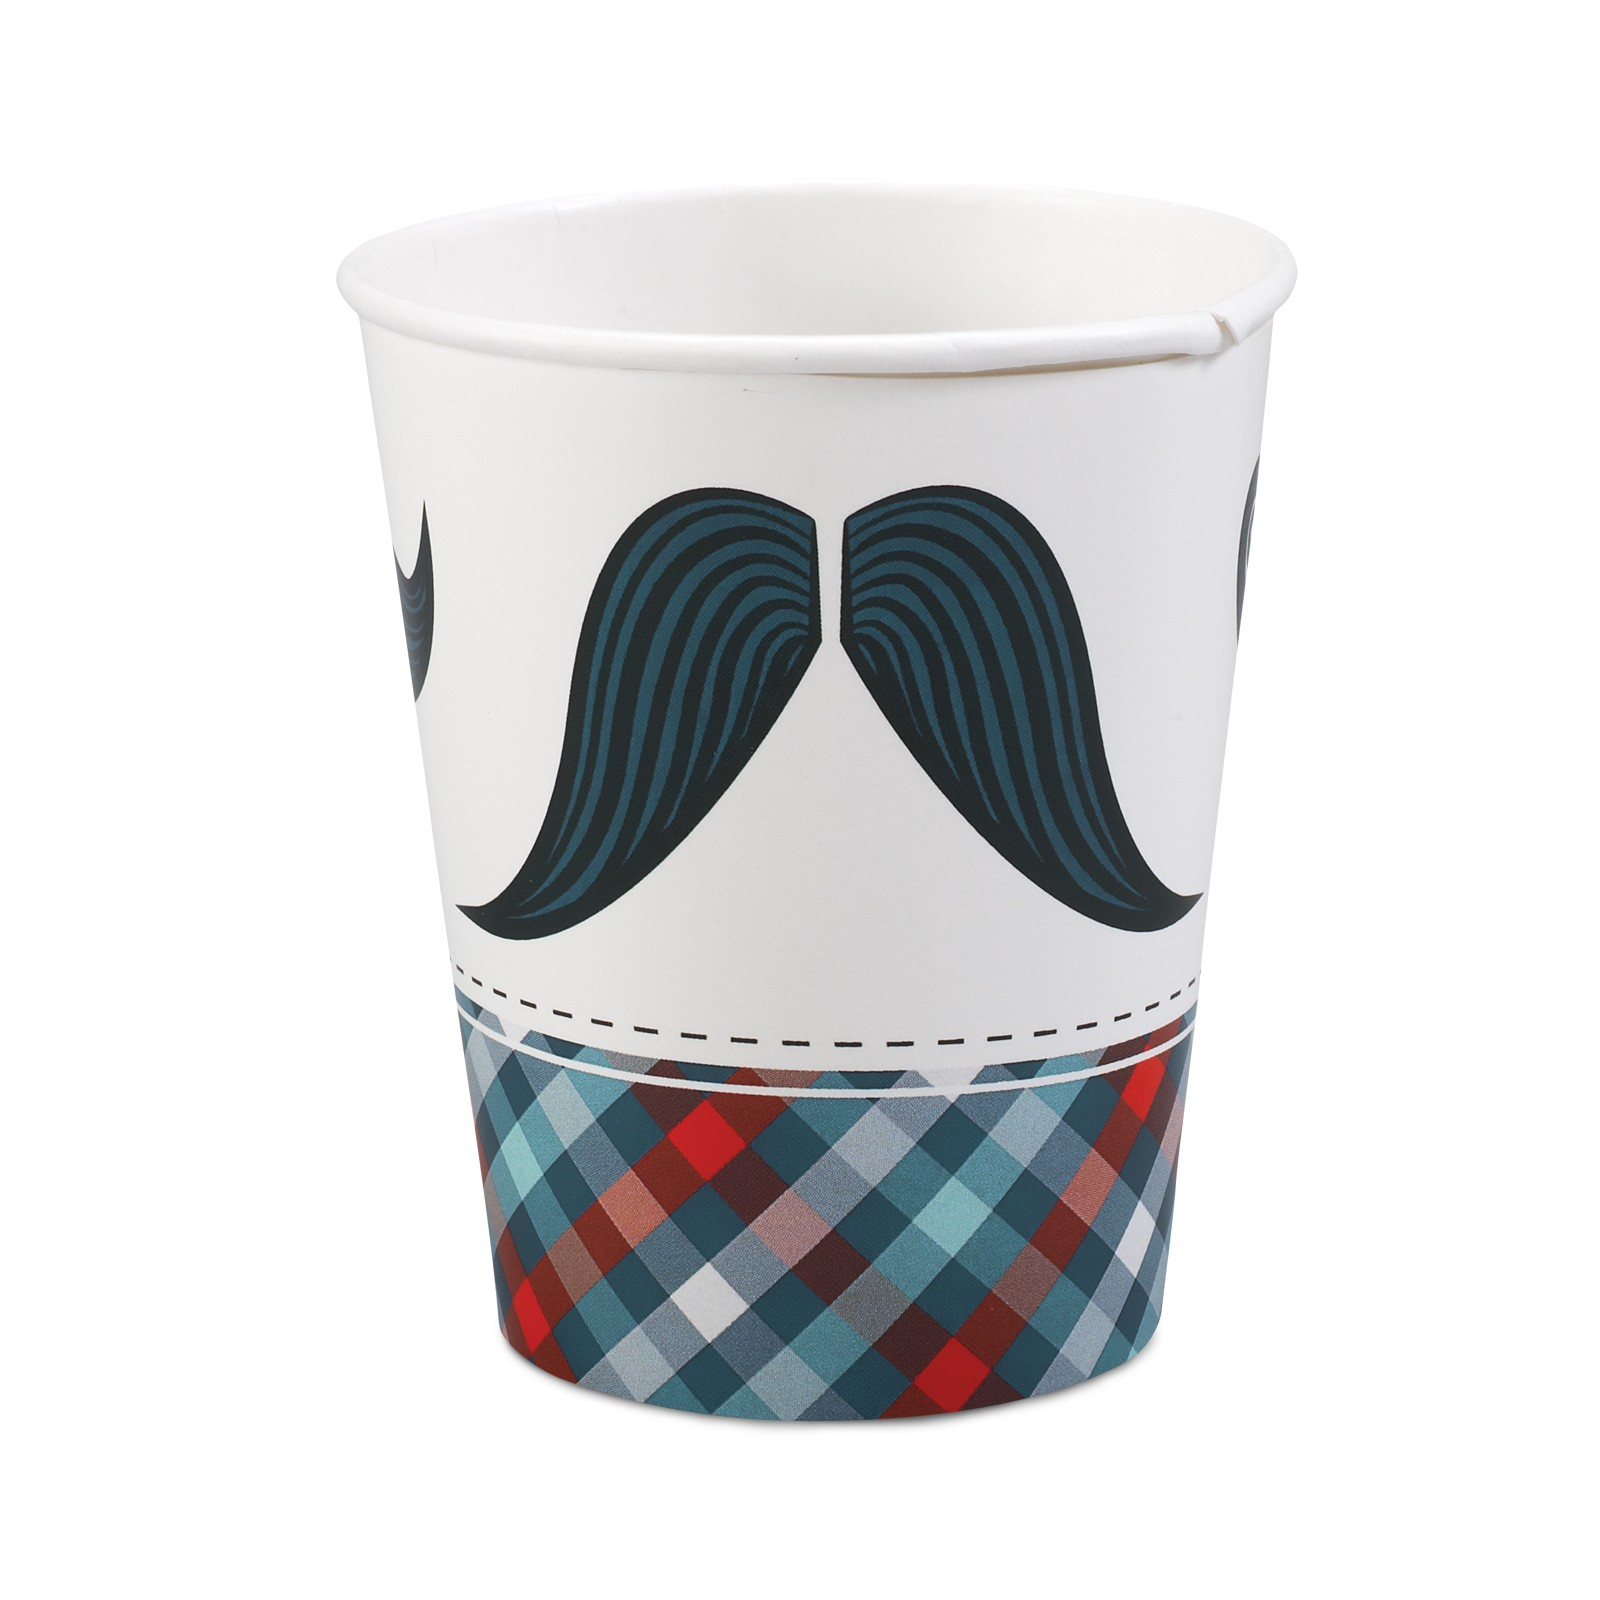 LITTLE MAN MUSTACHE CUPS